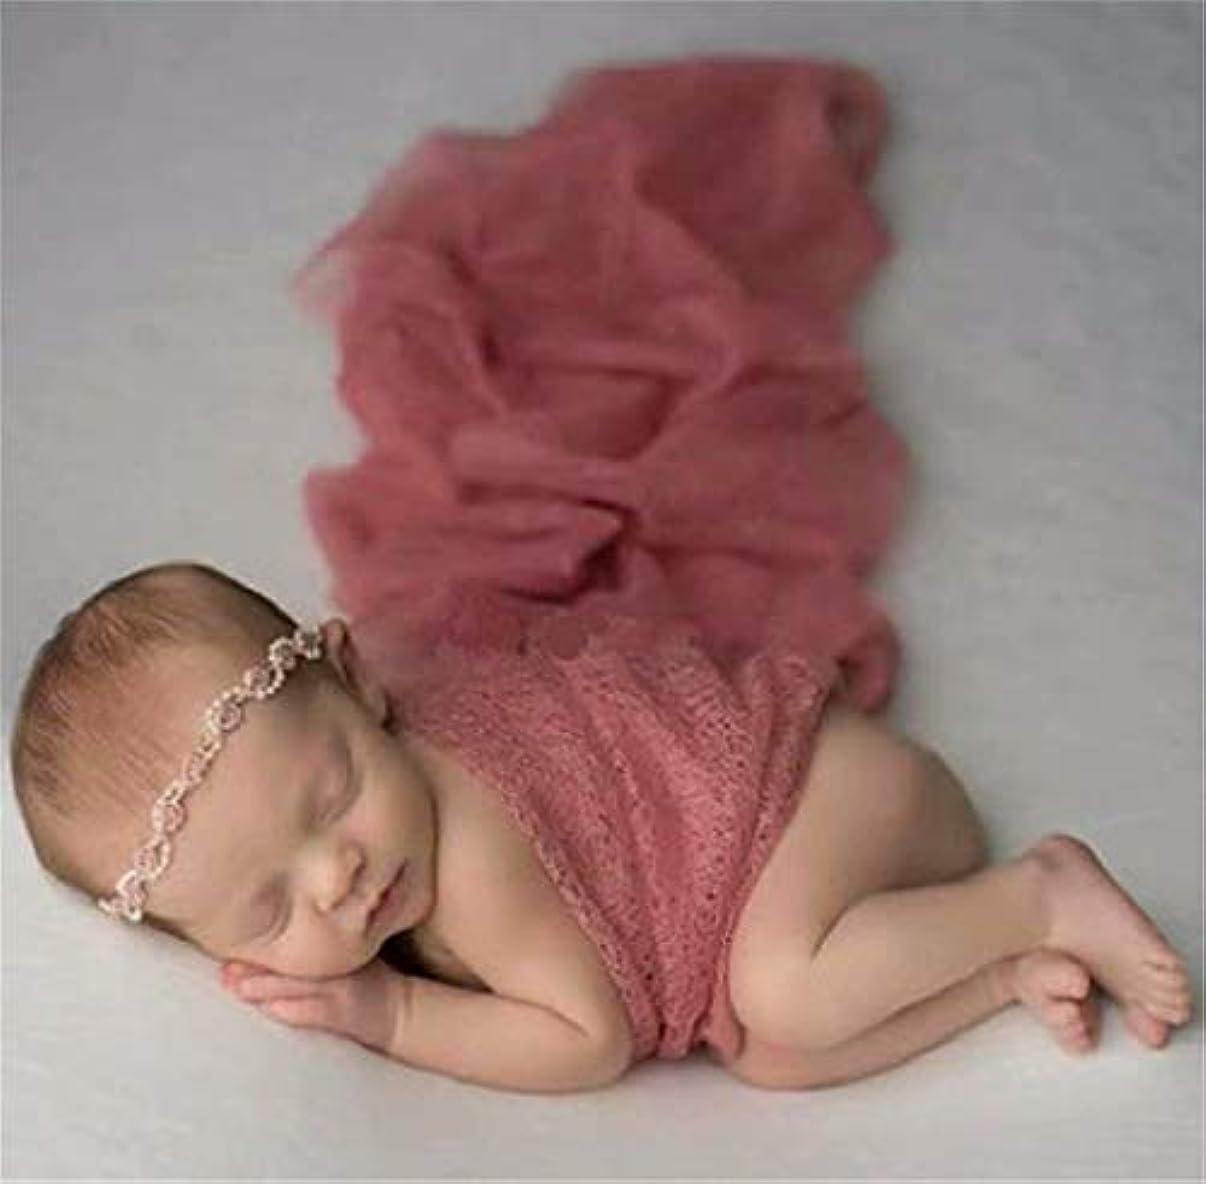 寸前追加ピジン七里の香 生まれたばかりの赤ちゃんの写真の衣装 赤ちゃんの男の子の女の子の写真撮影のための新生児の写真の小道具毛布のたたきレースのラップ 赤ちゃん用